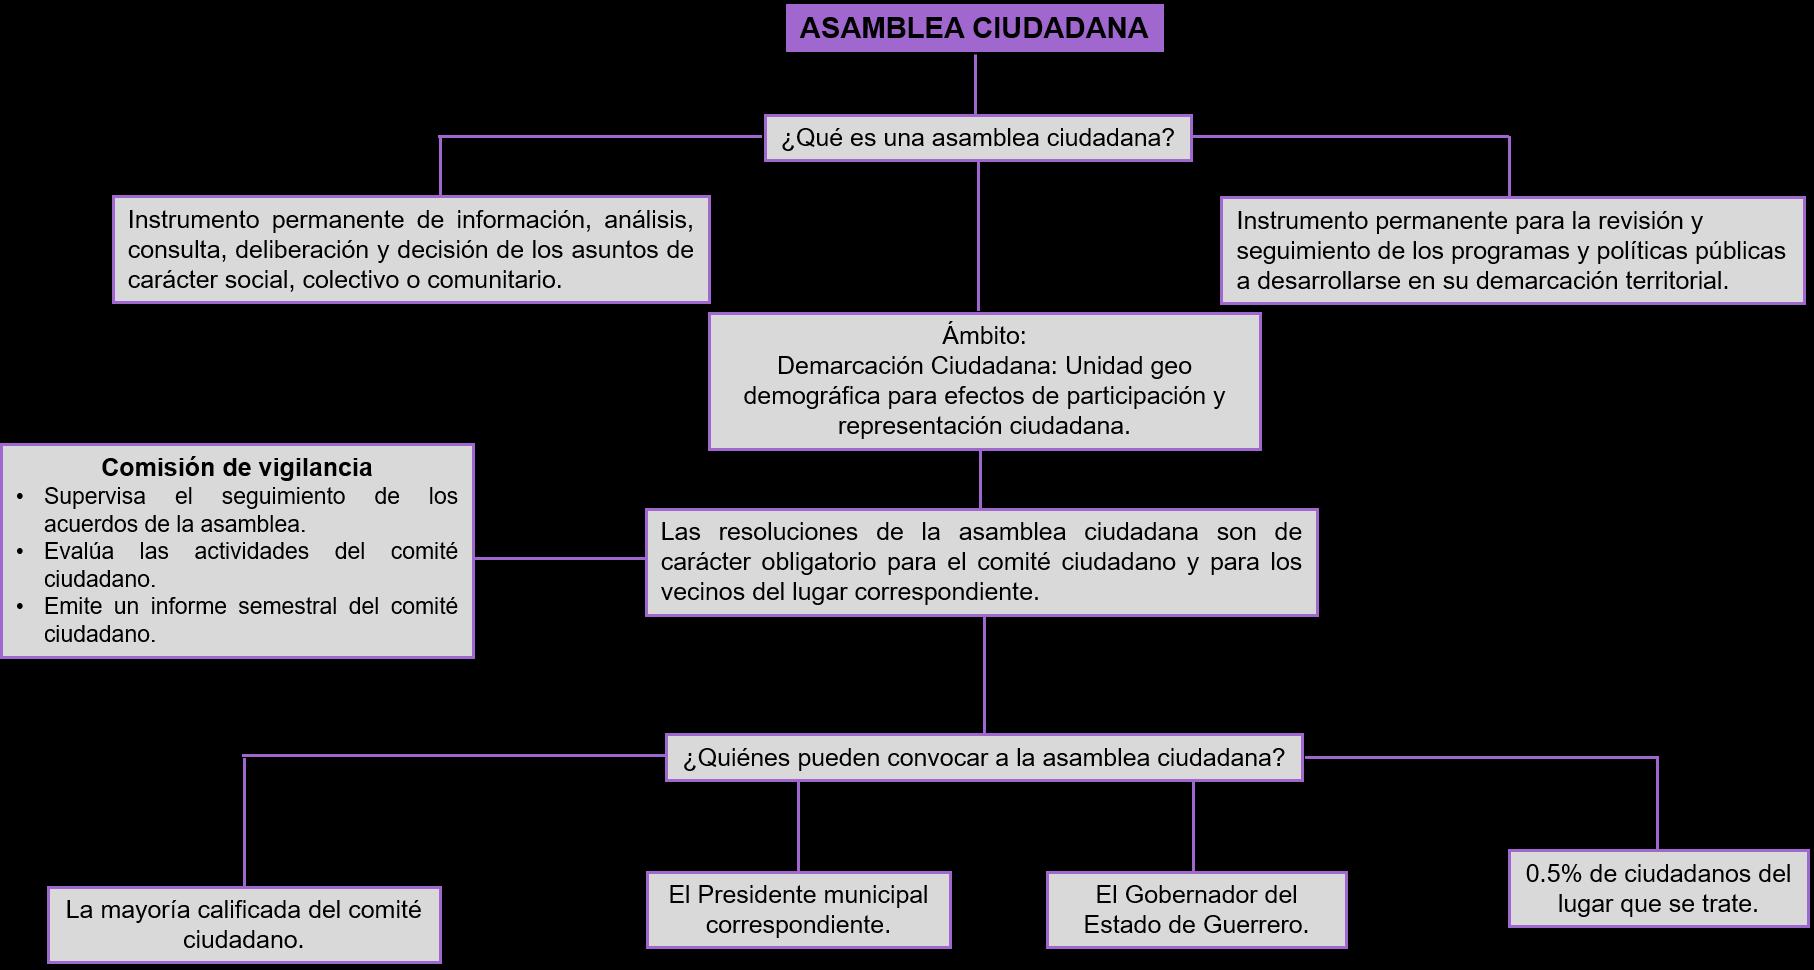 asamblea_ciudadana